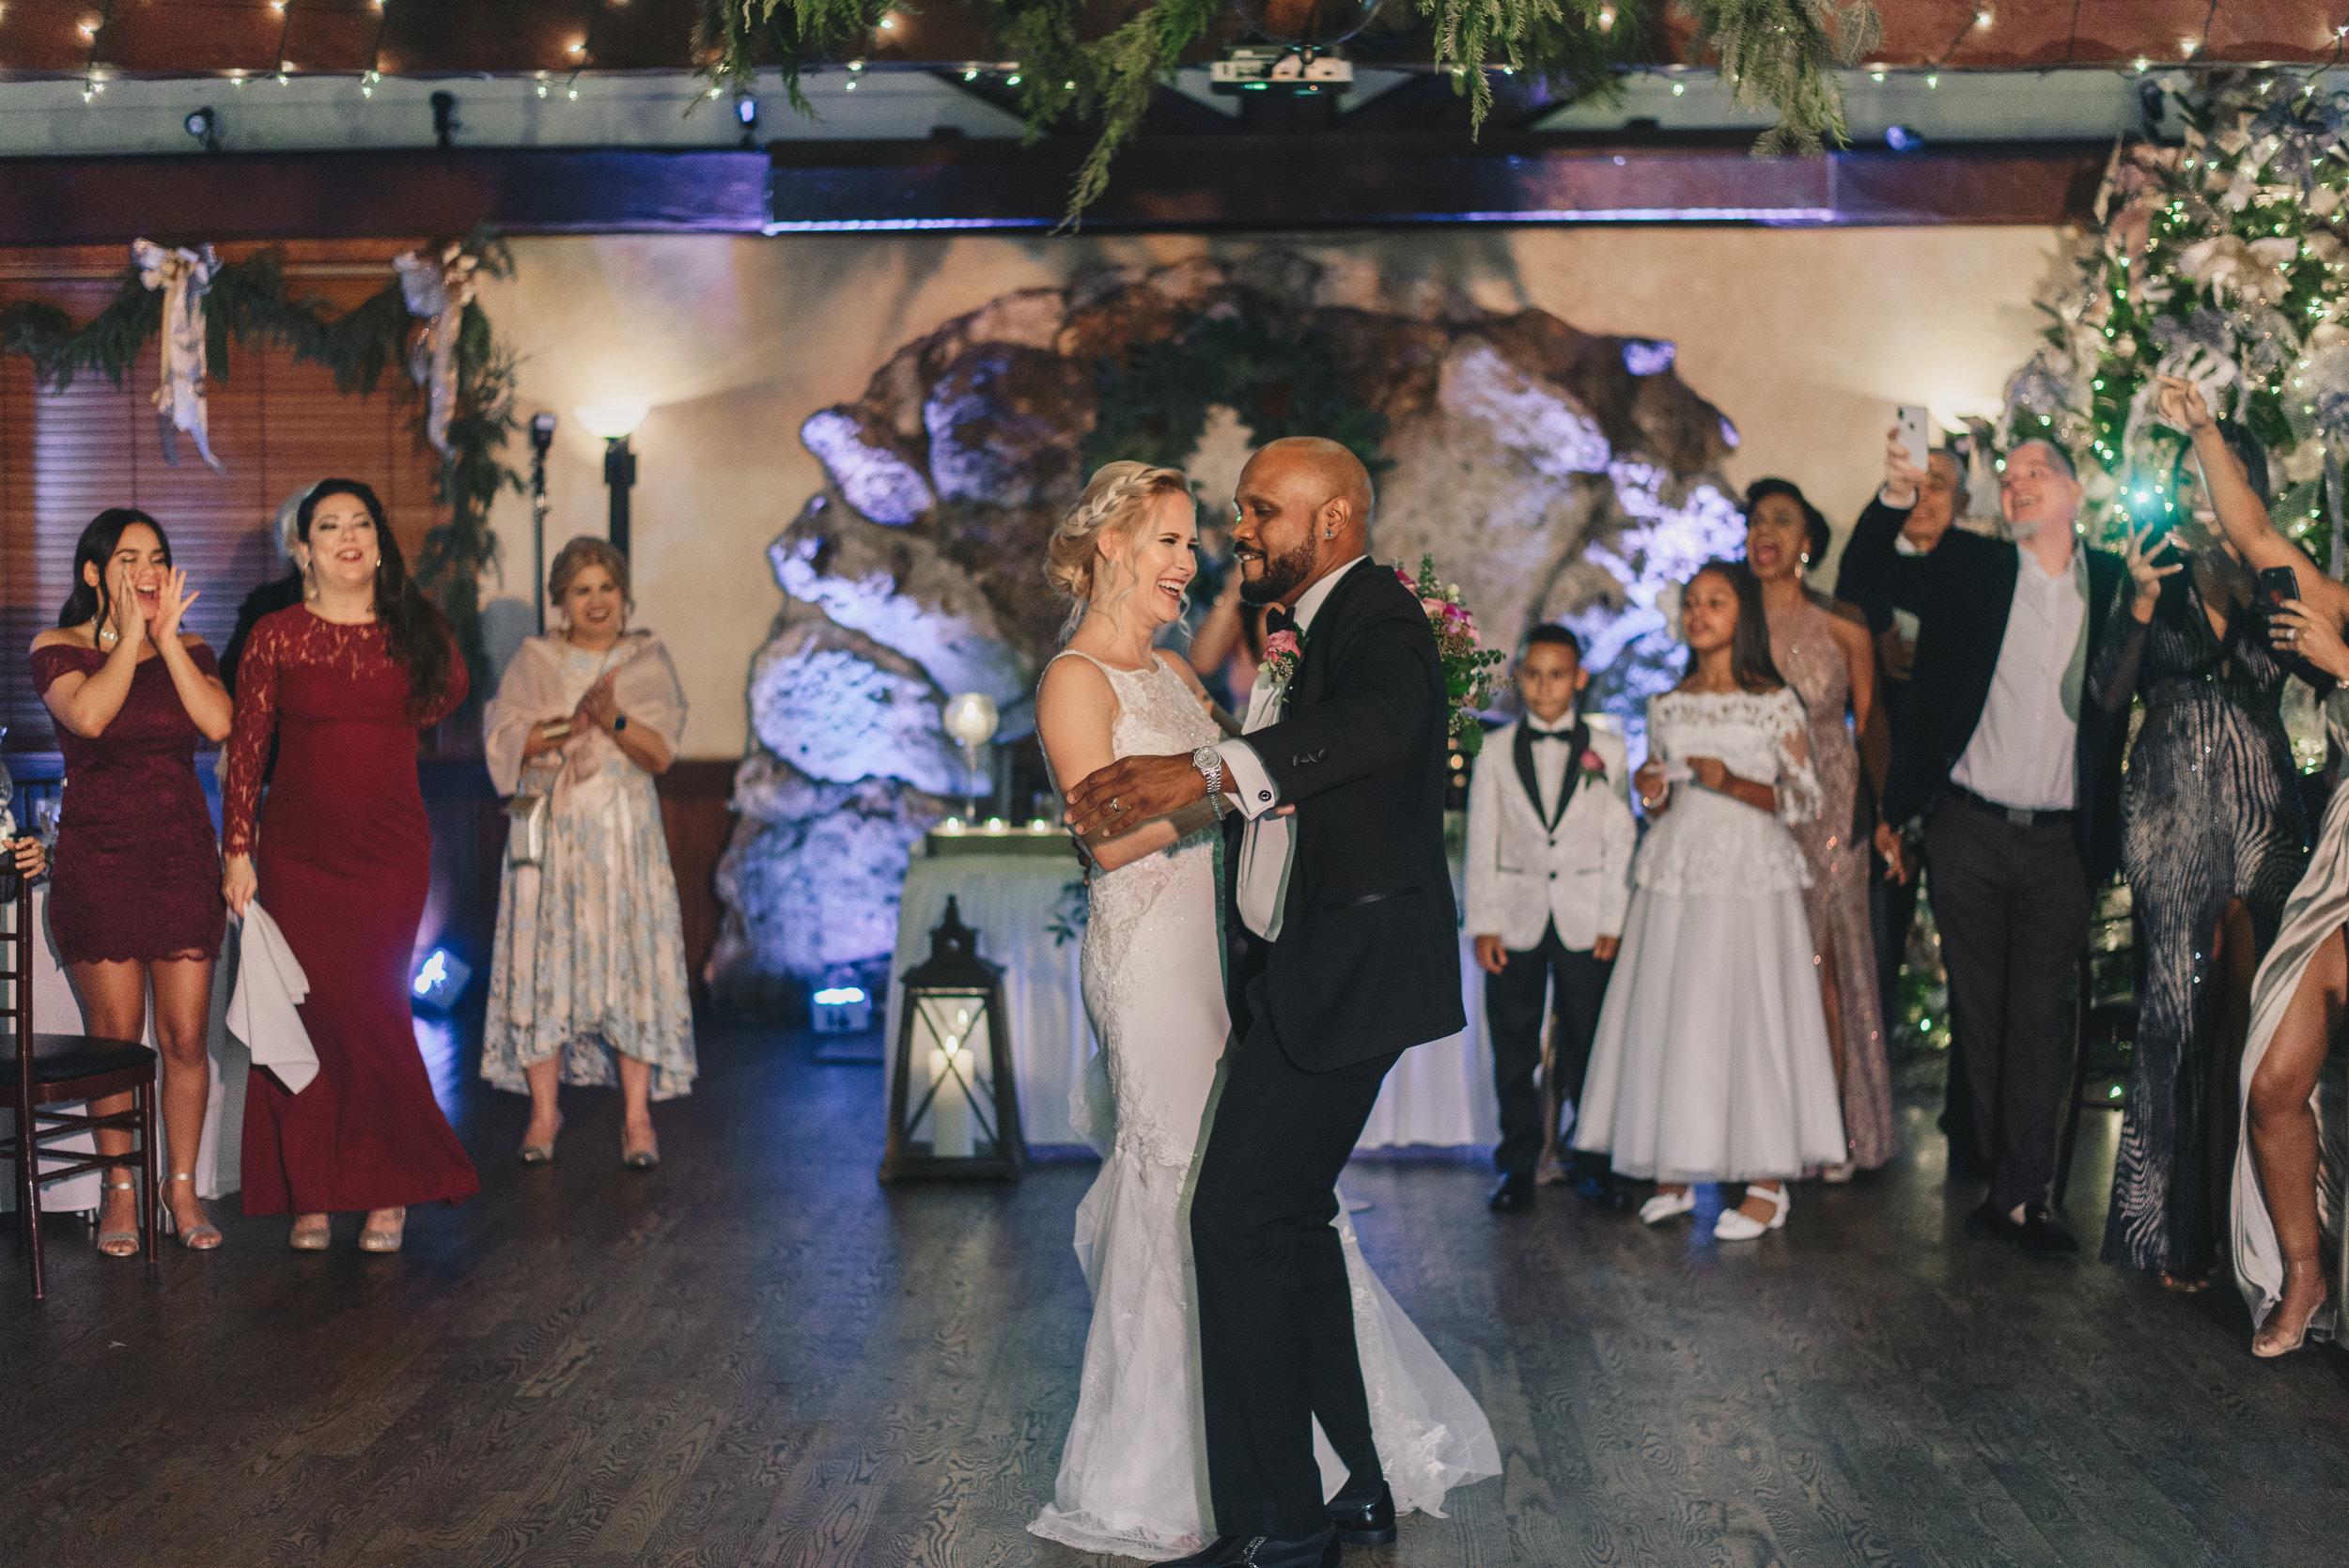 Los-Vargas-Photo-Wedding-Historic-Dubsdread-Ballroom-9072.jpg